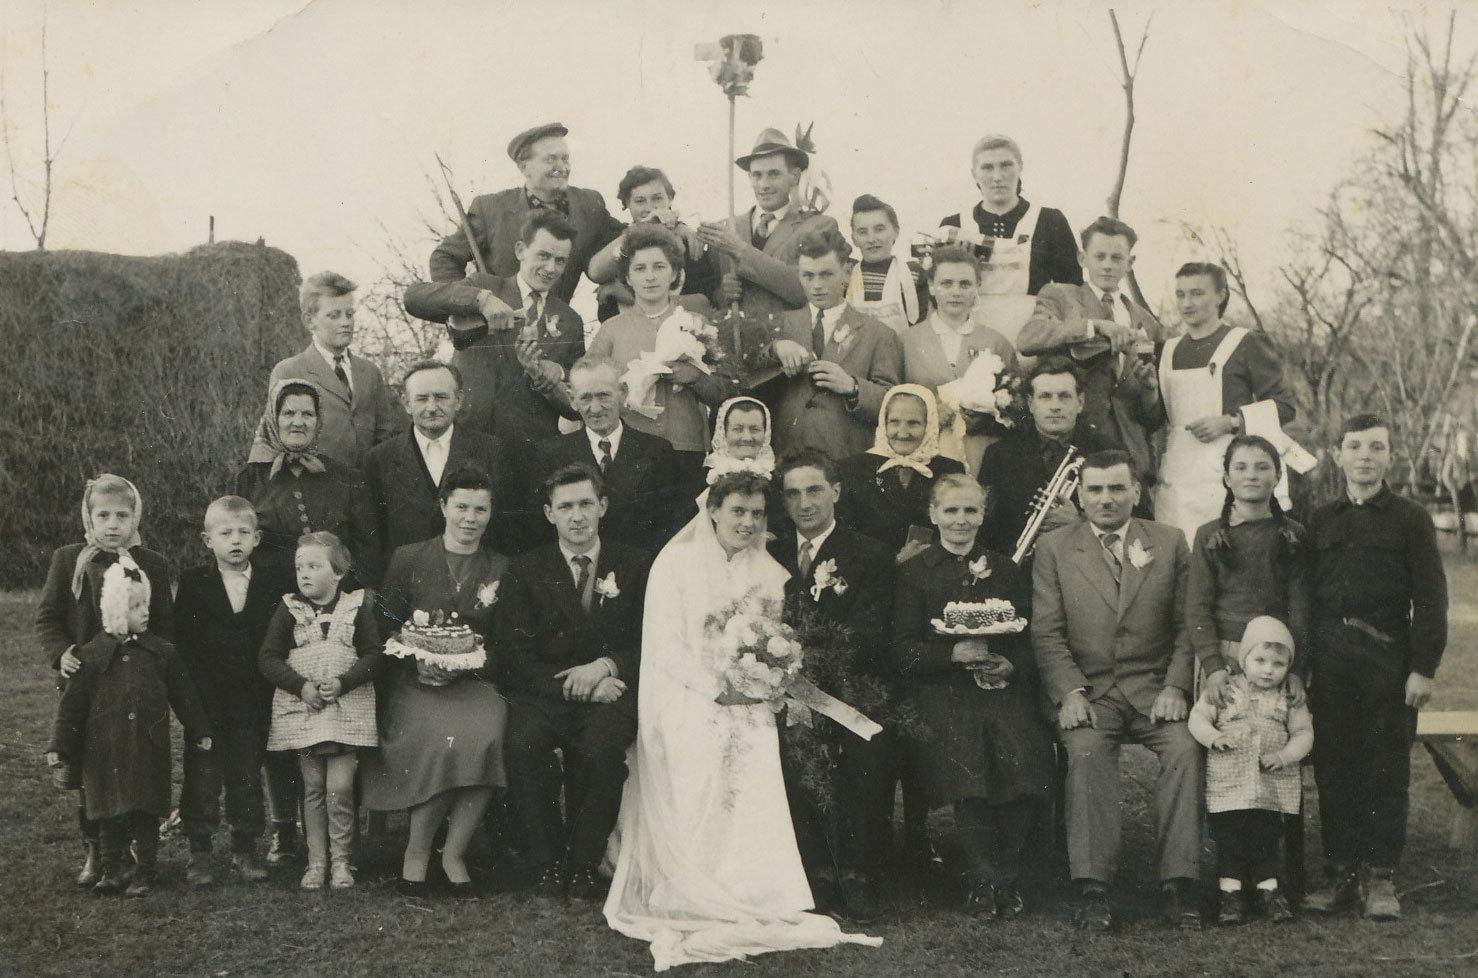 Wedding portrait with home-baked cakes, Prekmurje (Slovenia), 1959, Unknown, Pokrajinska in študijska knjižnica Murska Sobota, CC BY-NC